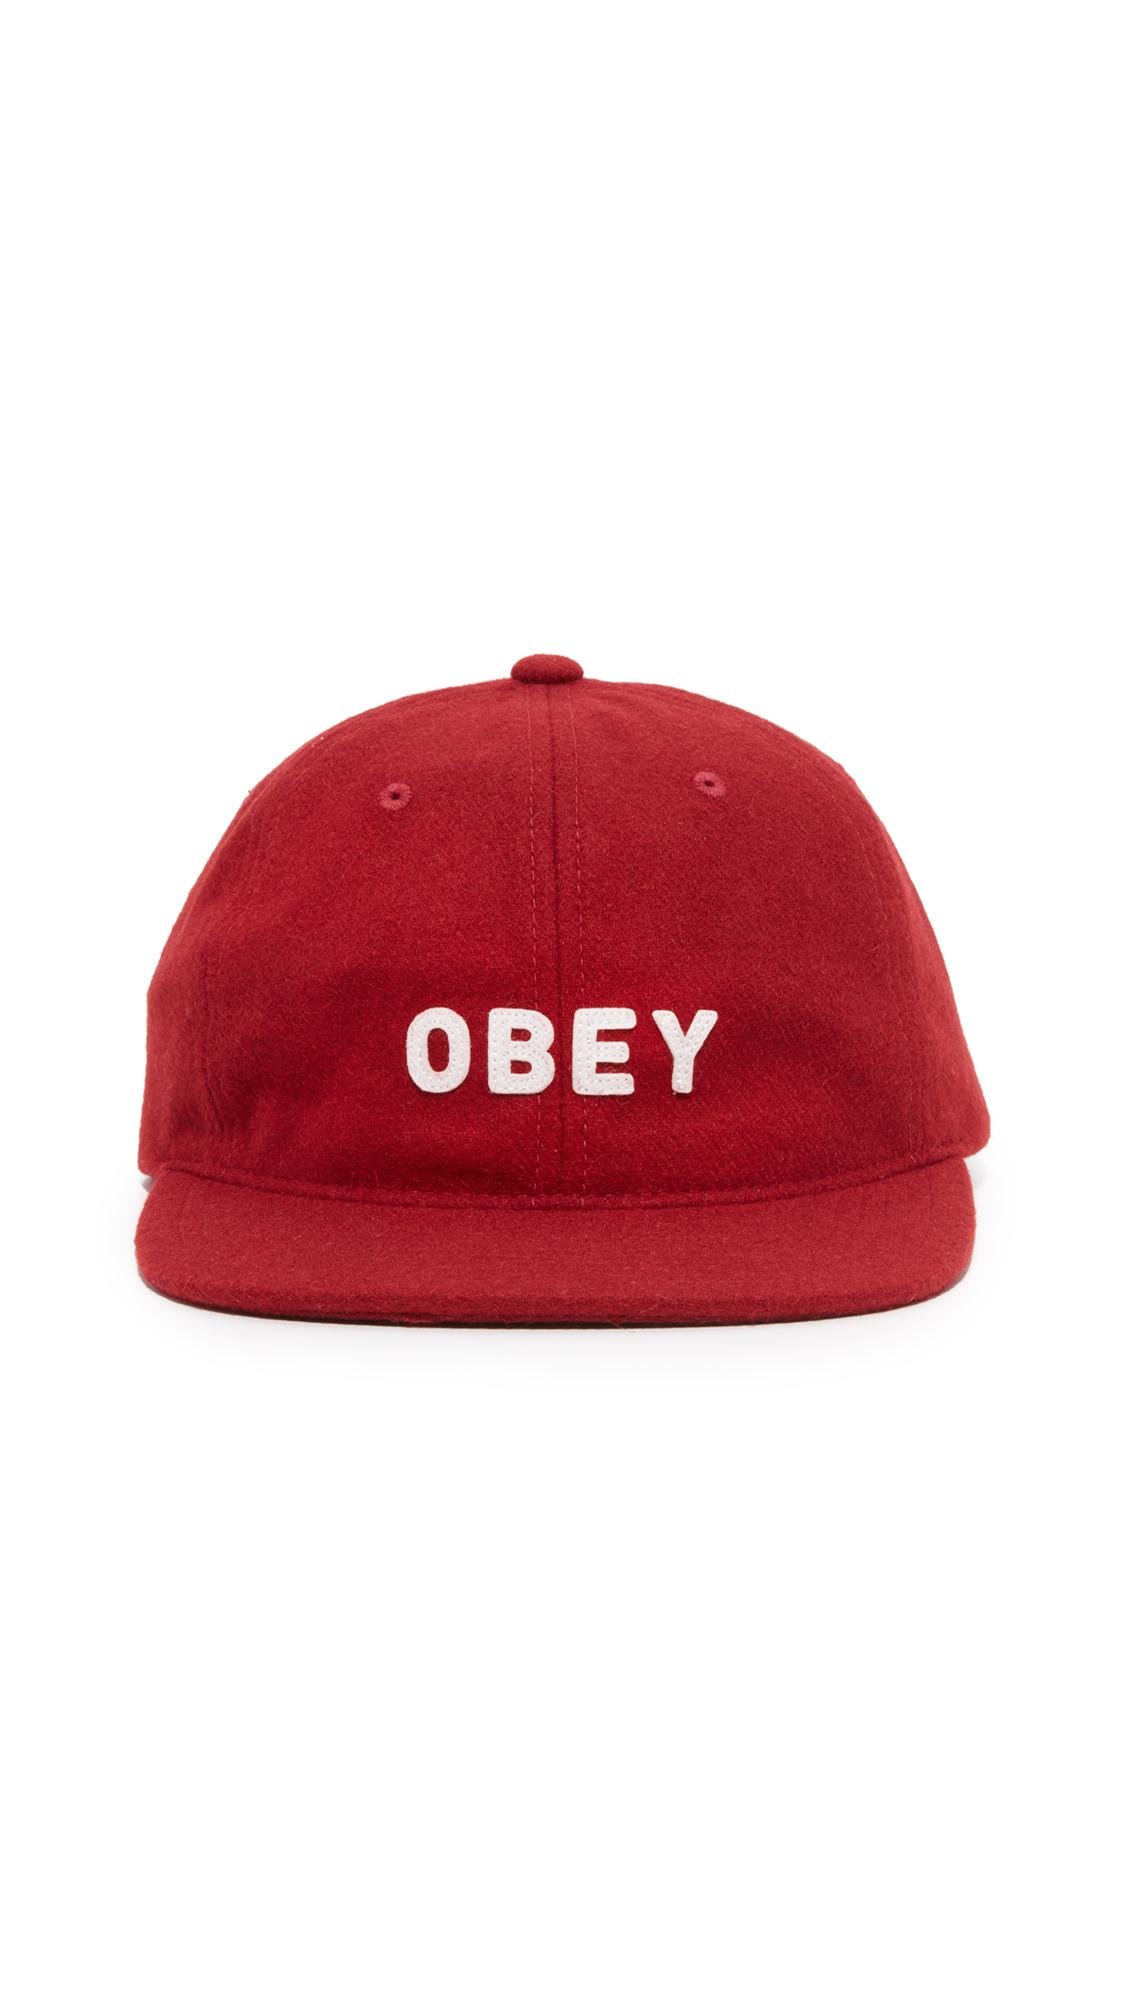 143452de07a Obey Afton 6 Panel Hat